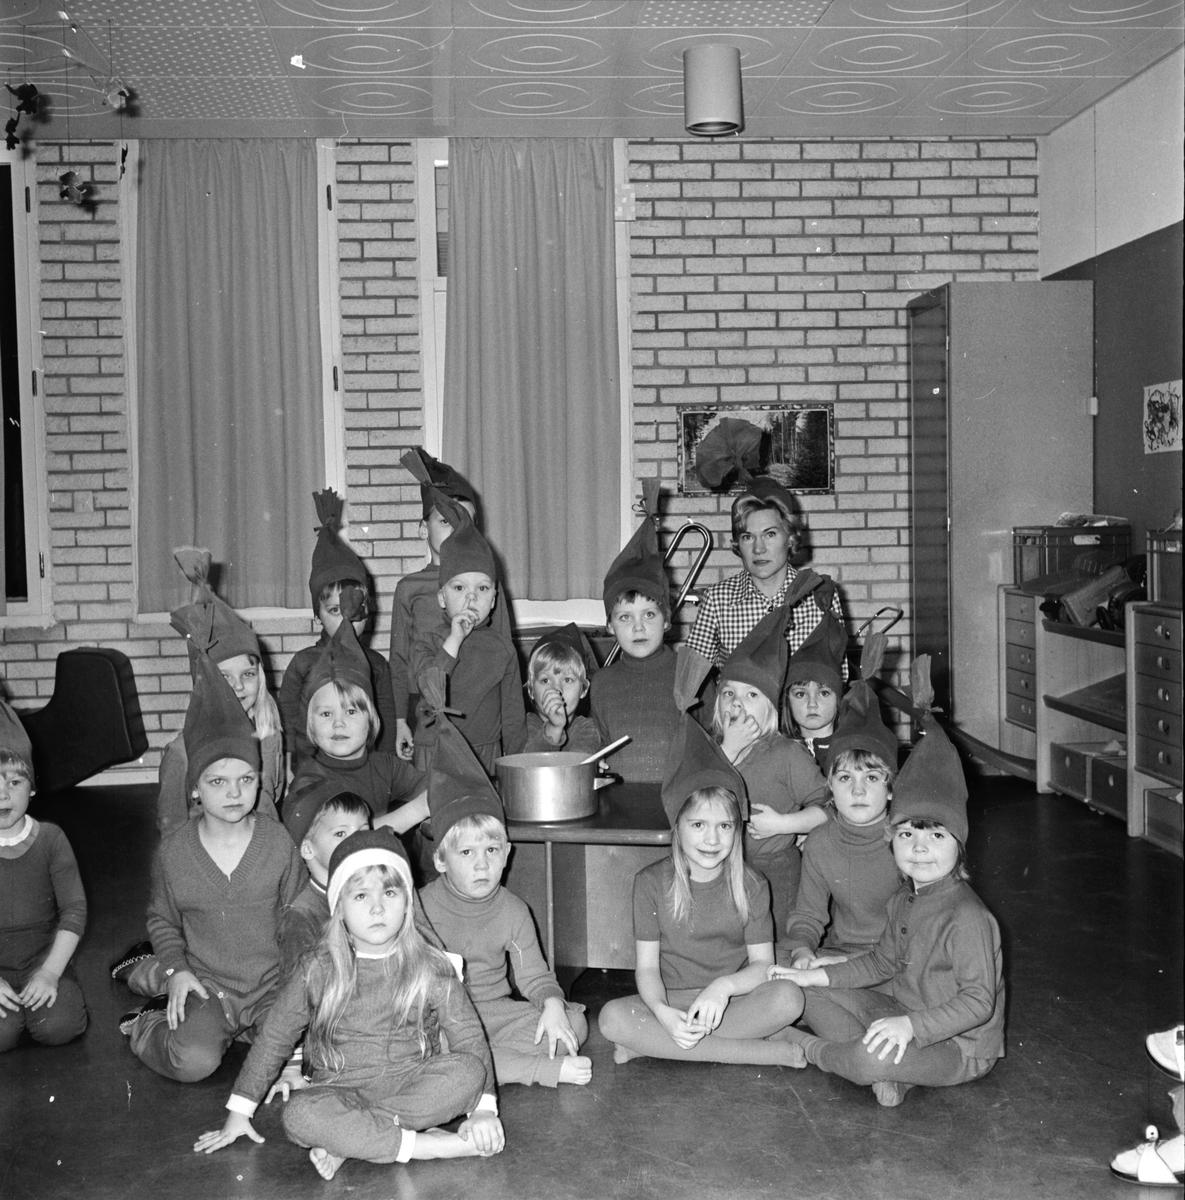 Arbrå, Lucia, 1971